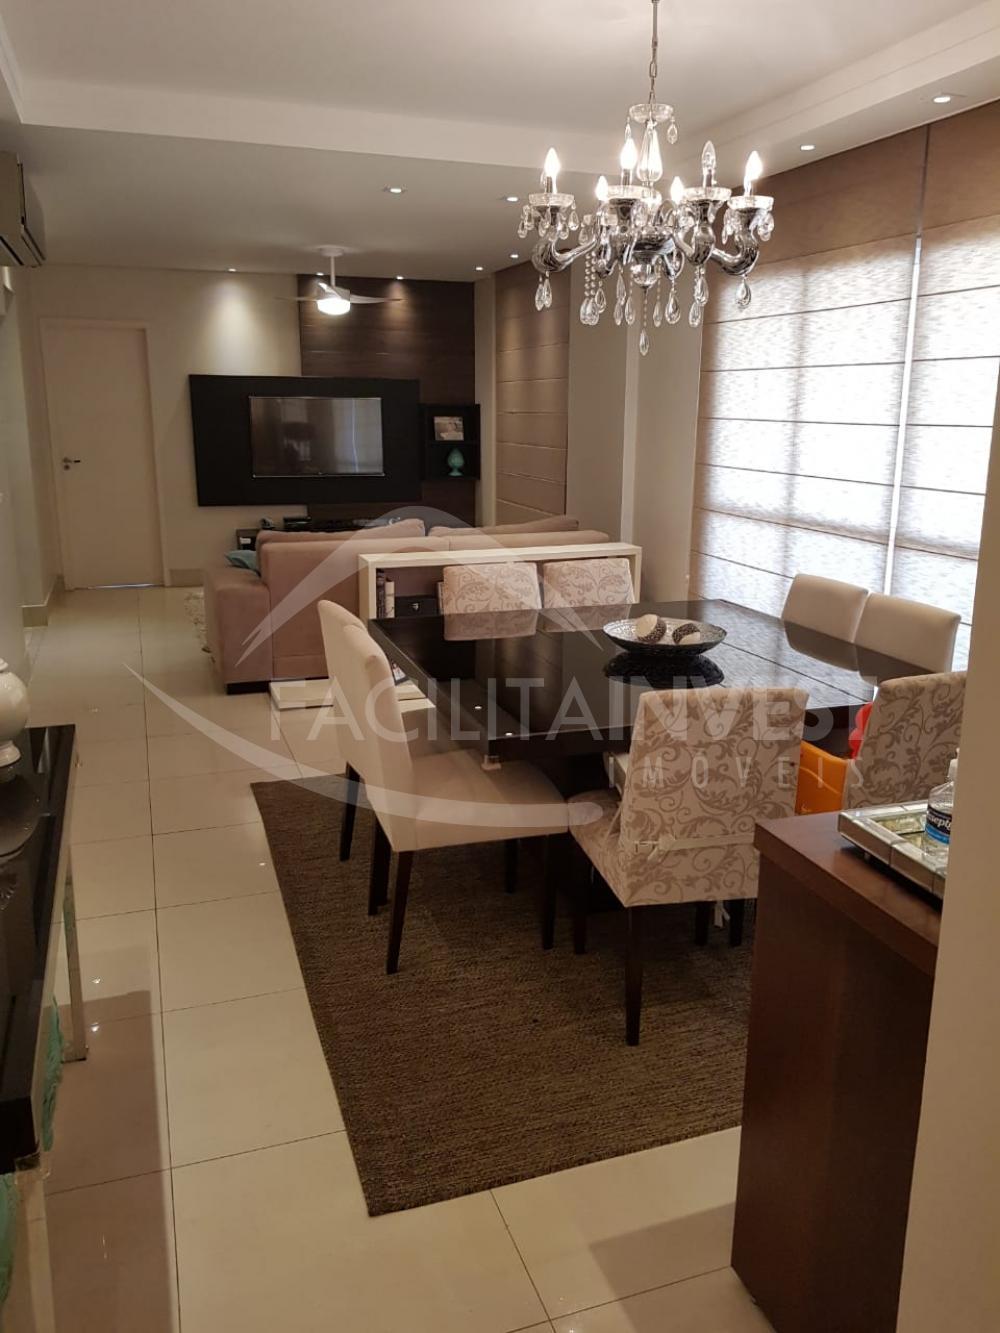 Alugar Apartamentos / Apart. Padrão em Ribeirão Preto apenas R$ 4.500,00 - Foto 1